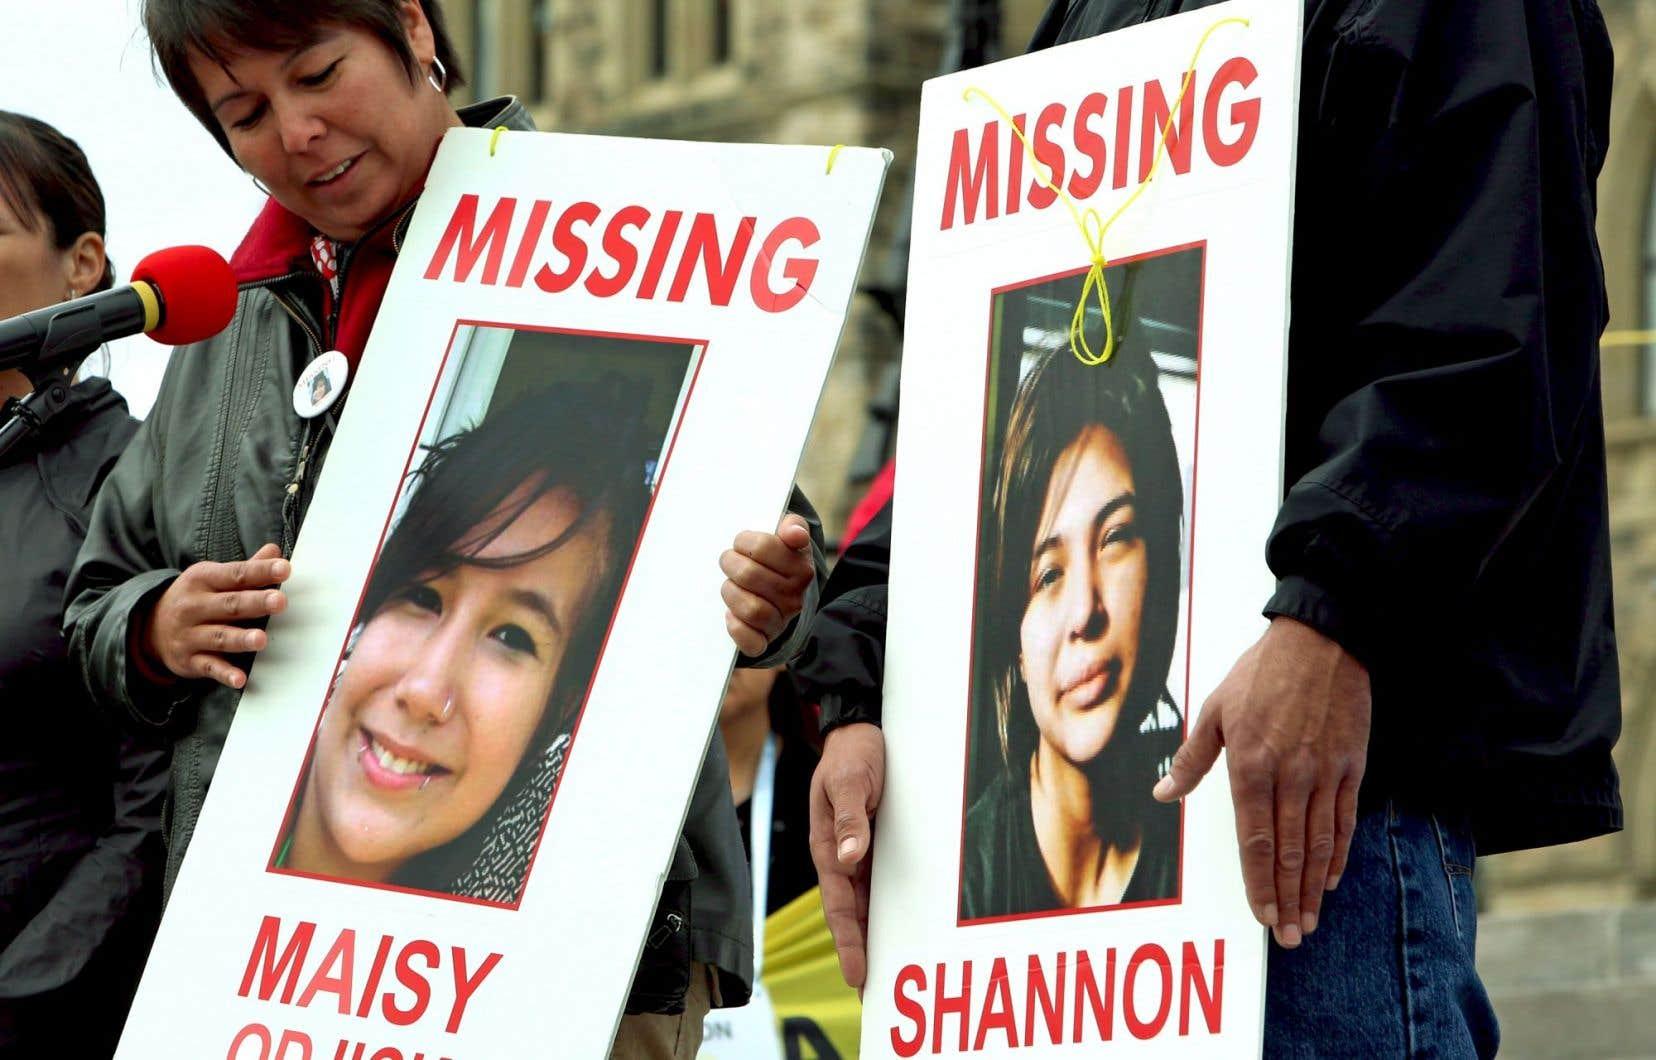 L'organisme Femmes autochtones du Québec (FAQ) souhaite qu'une stratégie utilisant les médias sociaux soit utilisée pour diffuser les cas de disparition de femmes autochtones.